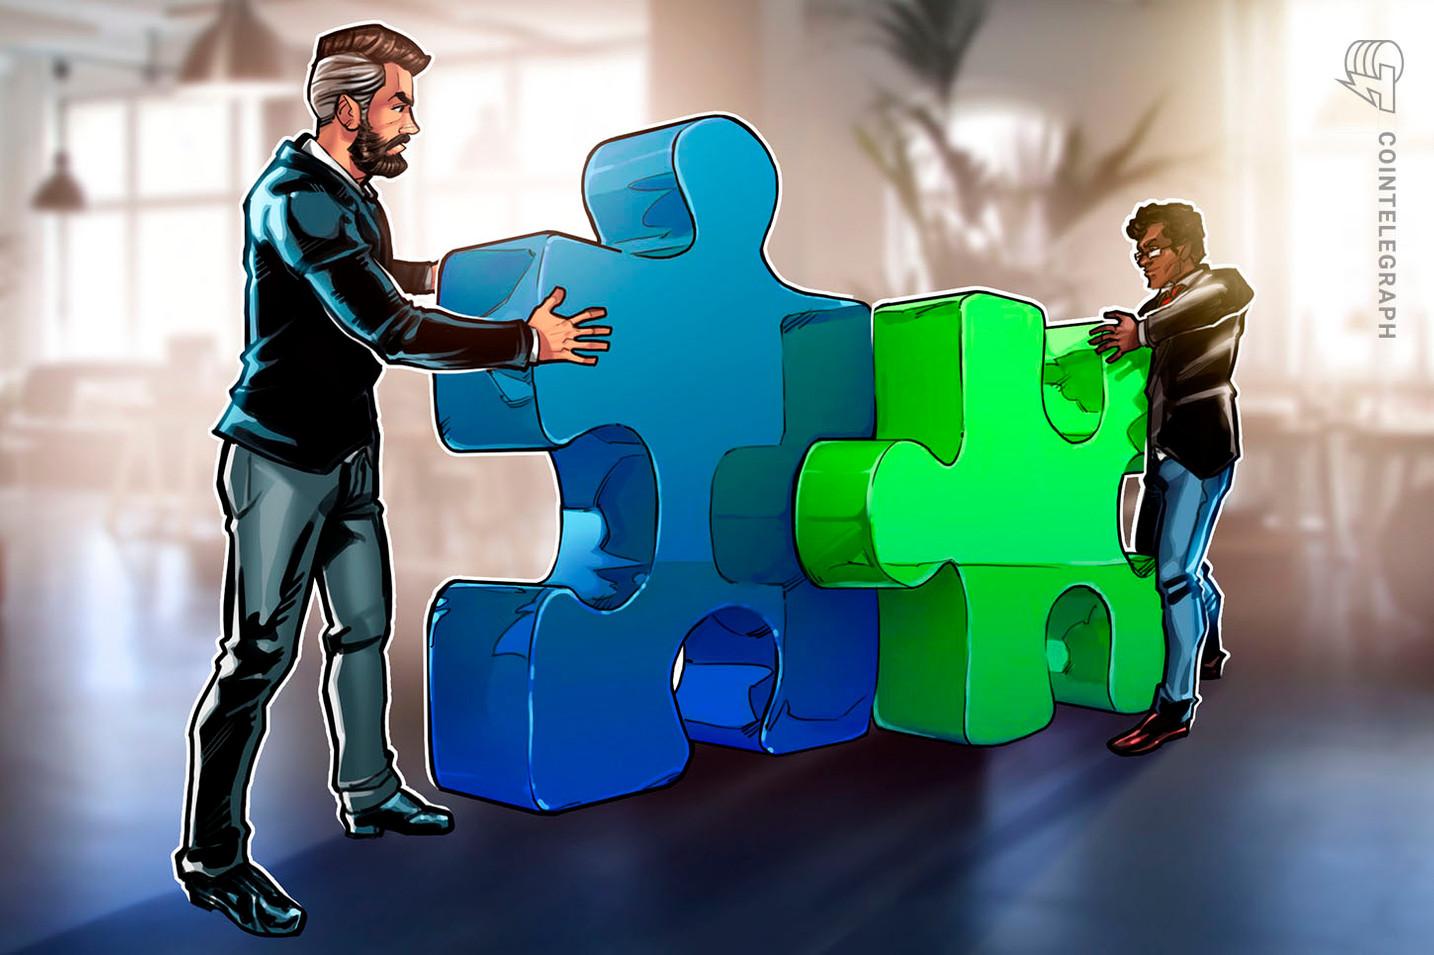 Kryptobörse Bitstamp wird von belgischer Investmentfirma aufgekauft